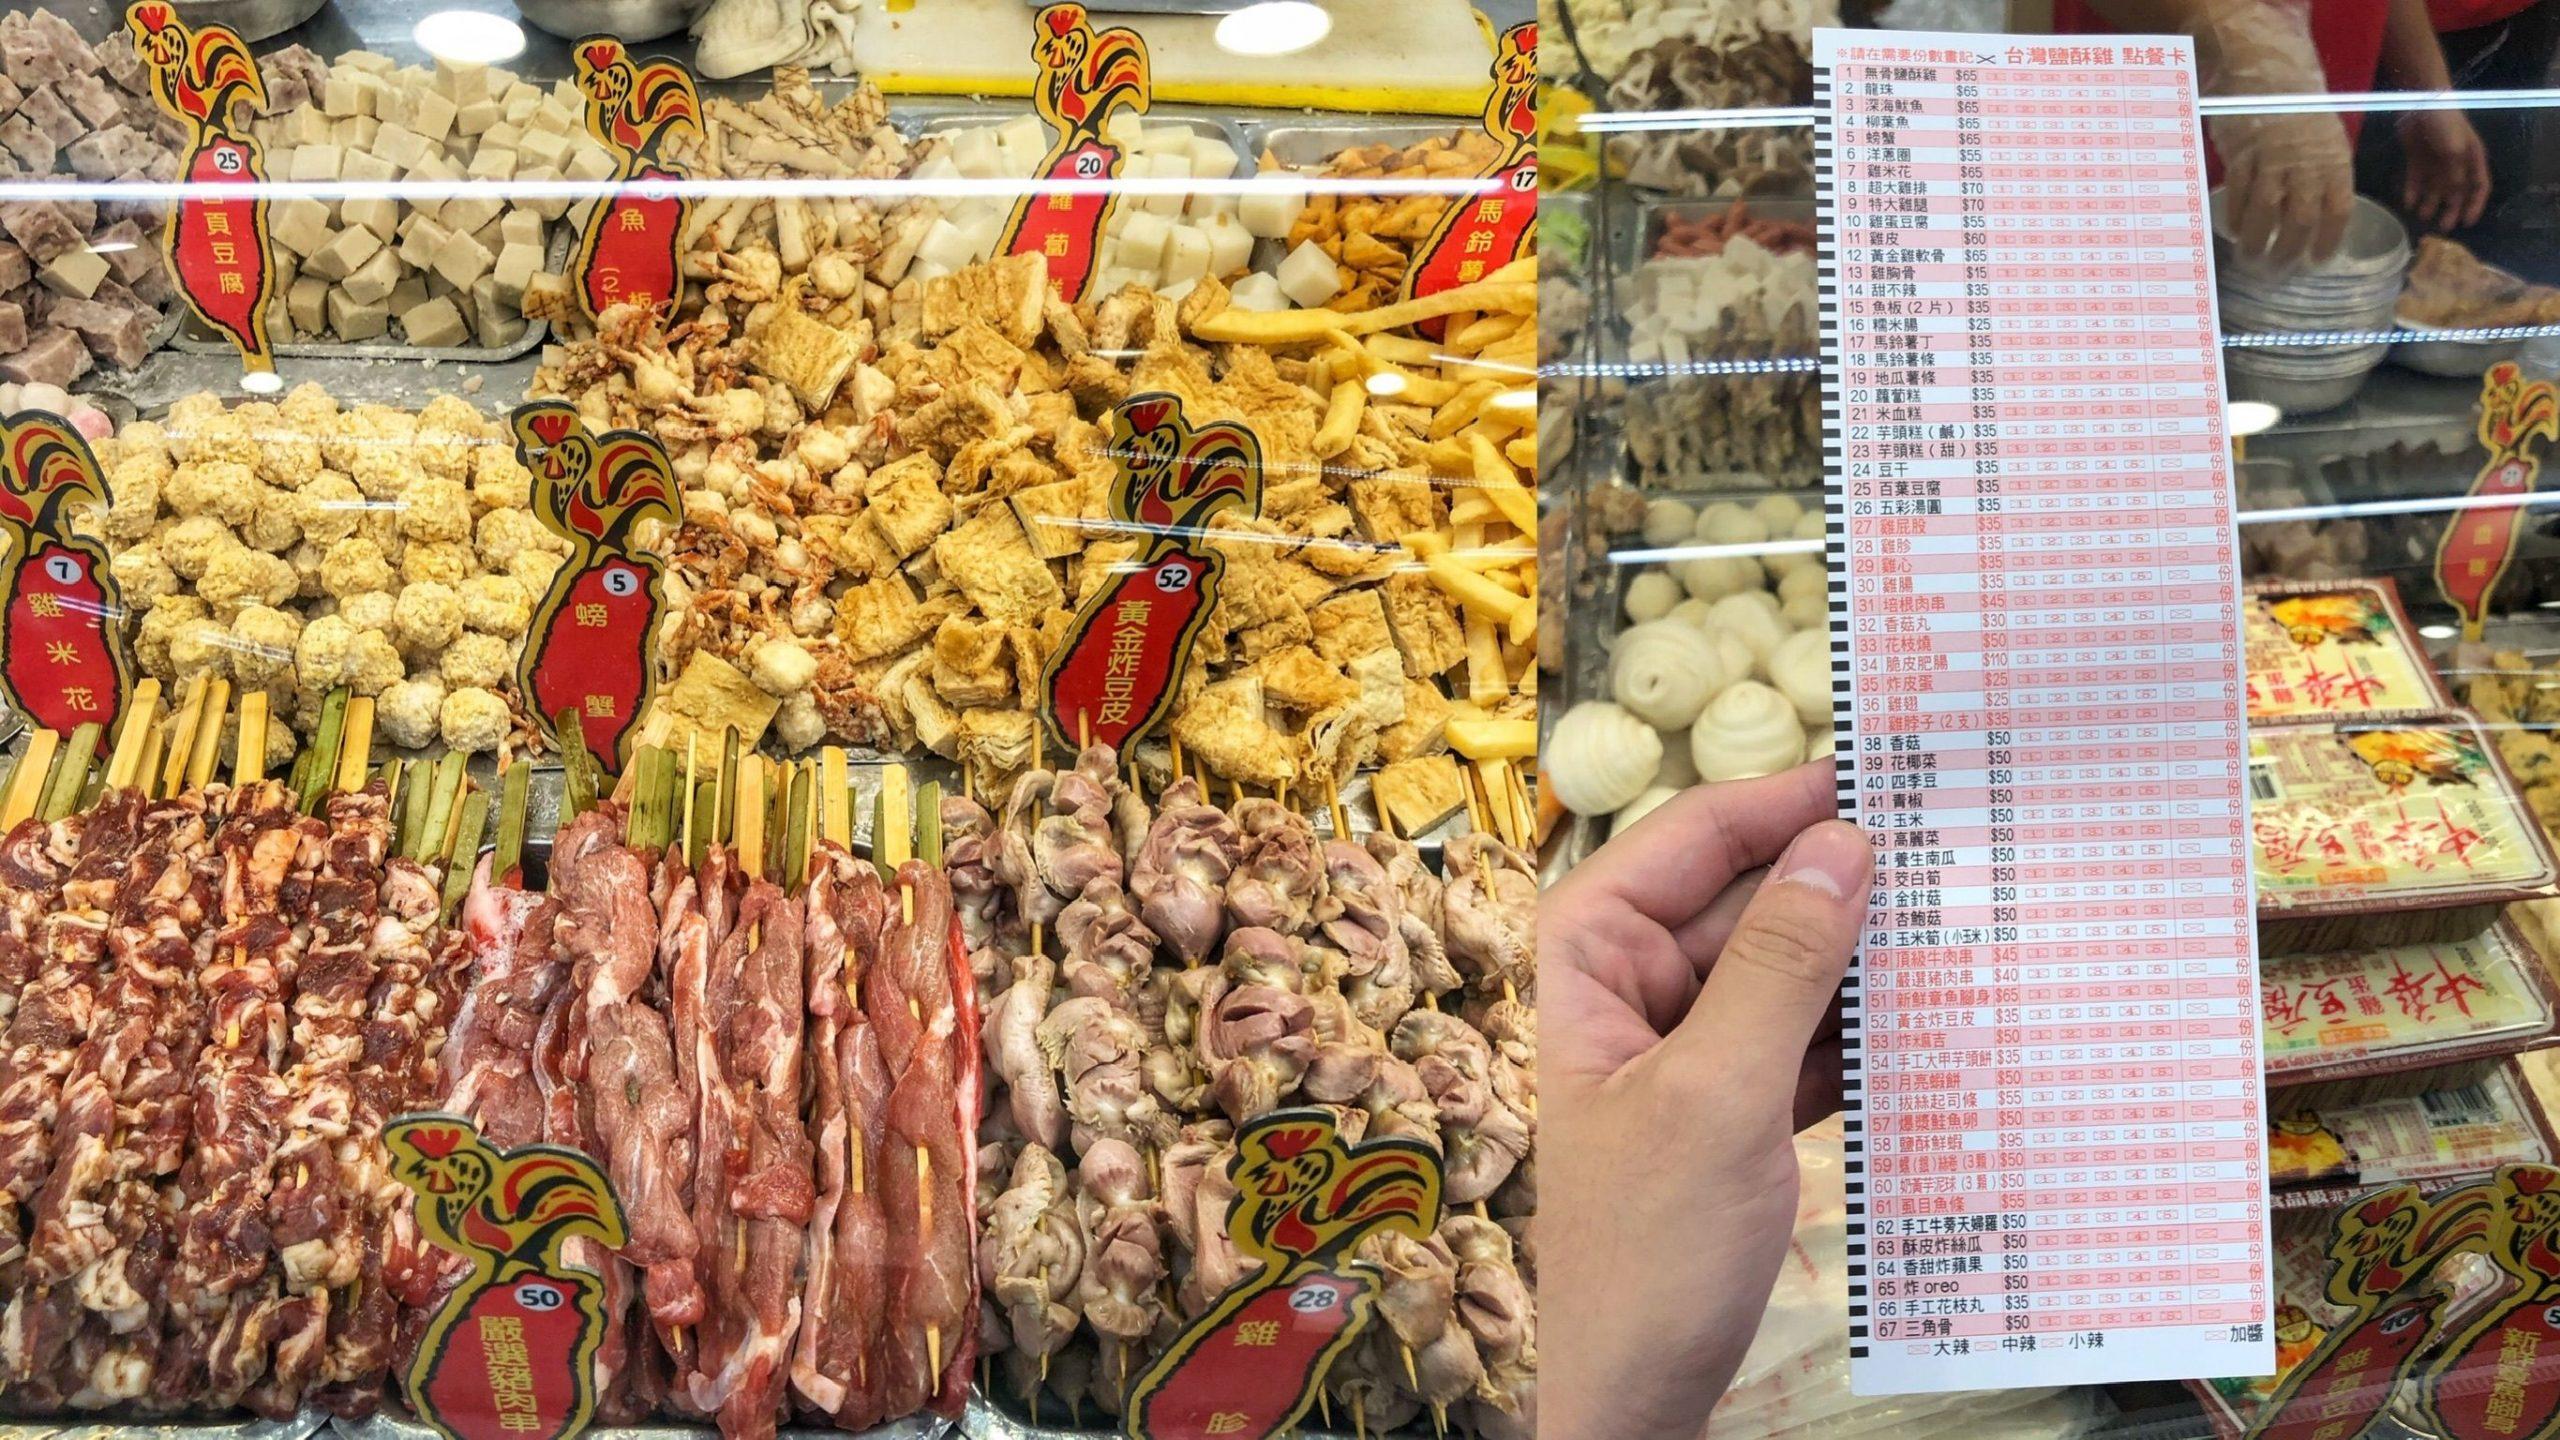 【台北美食】台北這家鹽酥雞太狂了!選擇高達67種 根本是鹽酥雞自助吧 菜單還是電腦閱卷答案卡 激推三角骨酥脆多肉 – 台灣塩酥雞 通化直營店